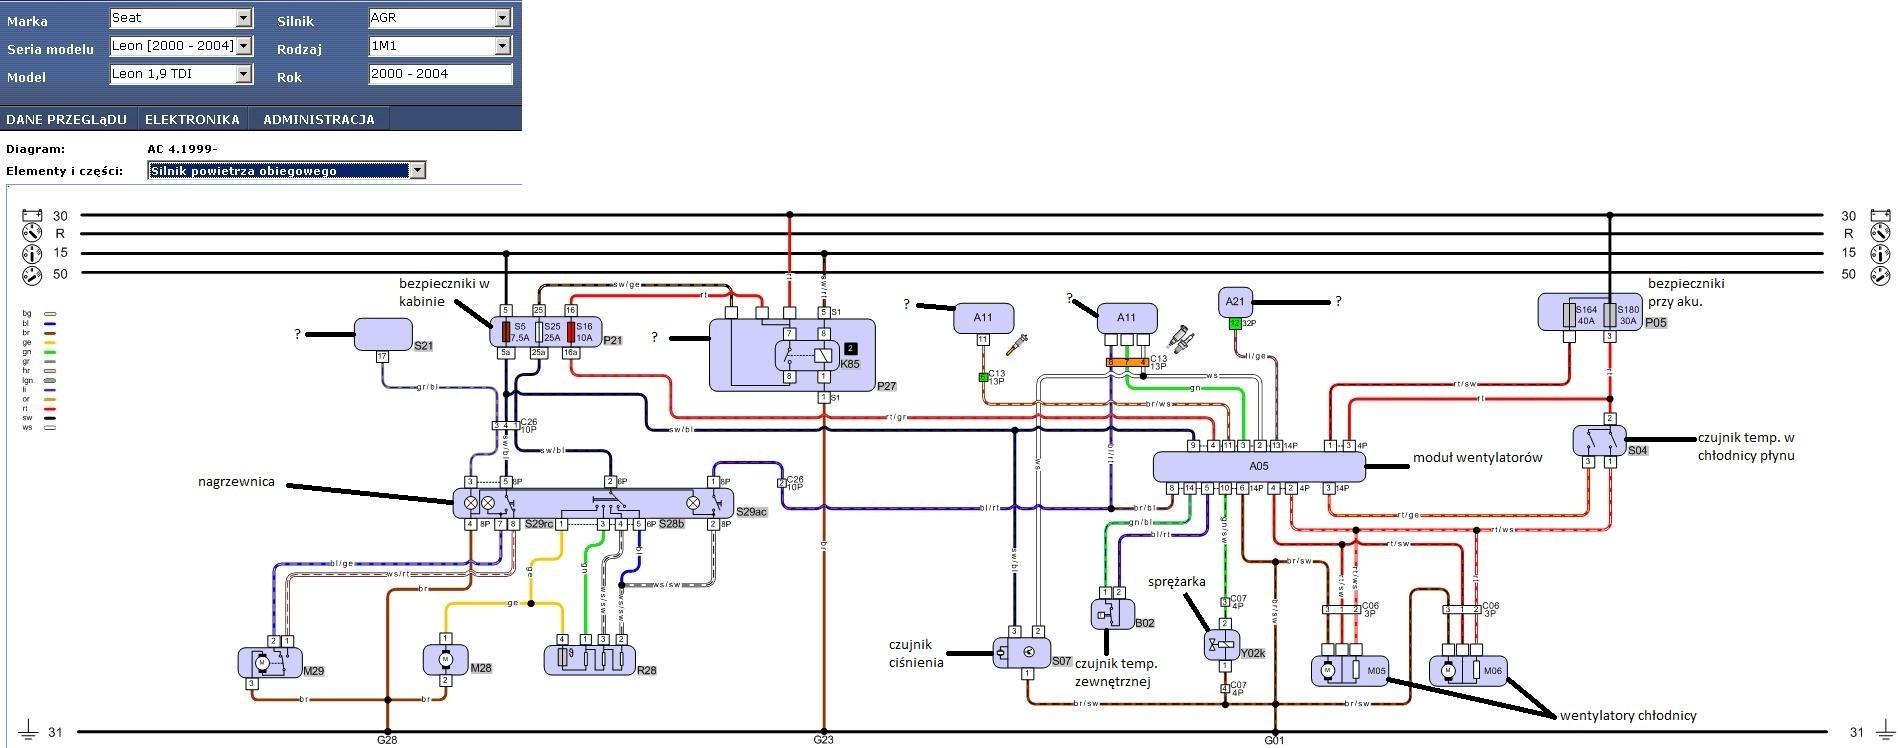 leon 1,9TDI 2001 - opis schematu elektrycznego klimatyzacji manualnej